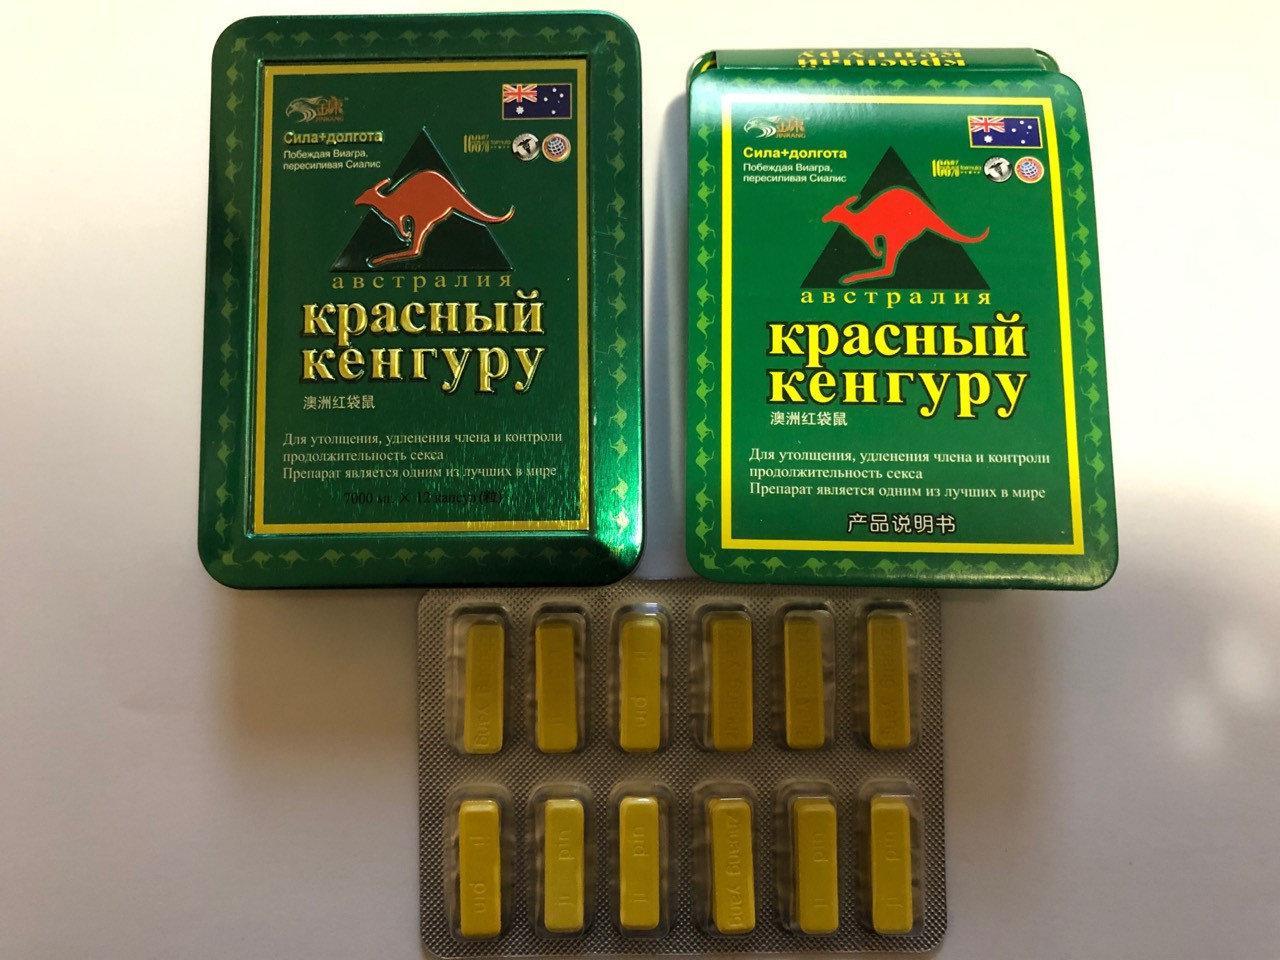 Красный Кенгуру препарат для повышения потенции (12 шт)